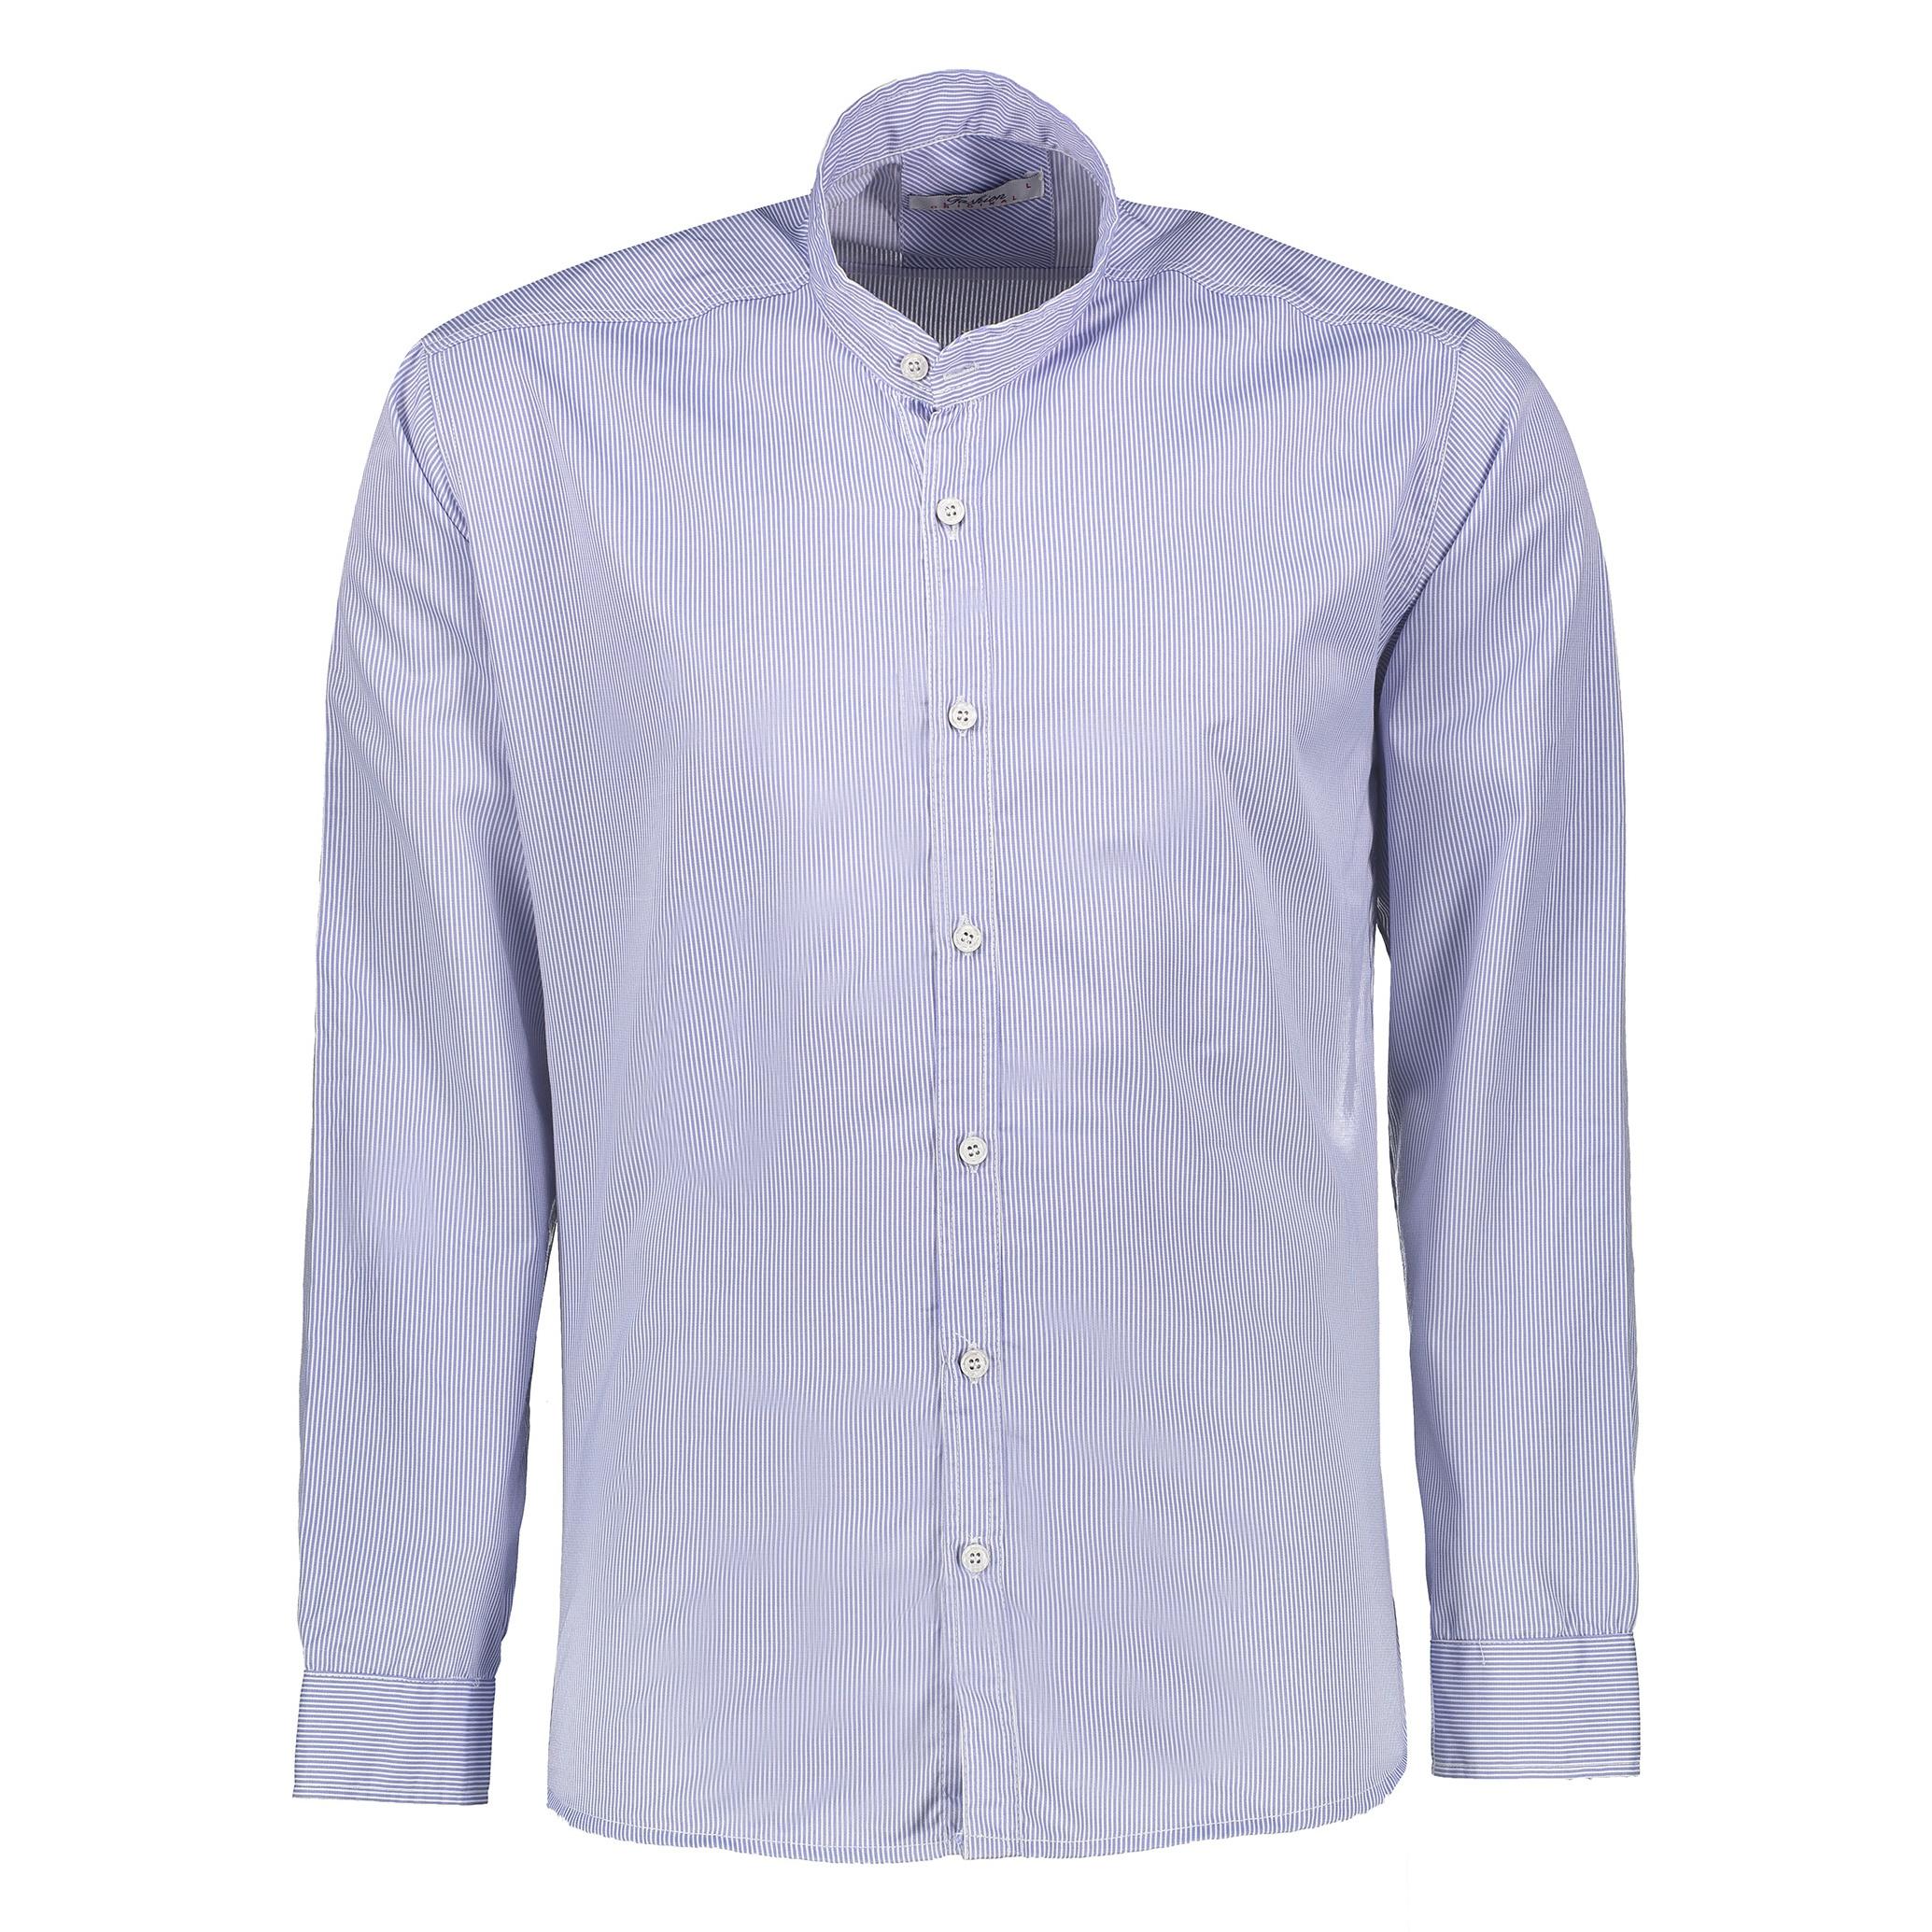 پیراهن مردانه کد psh-parad